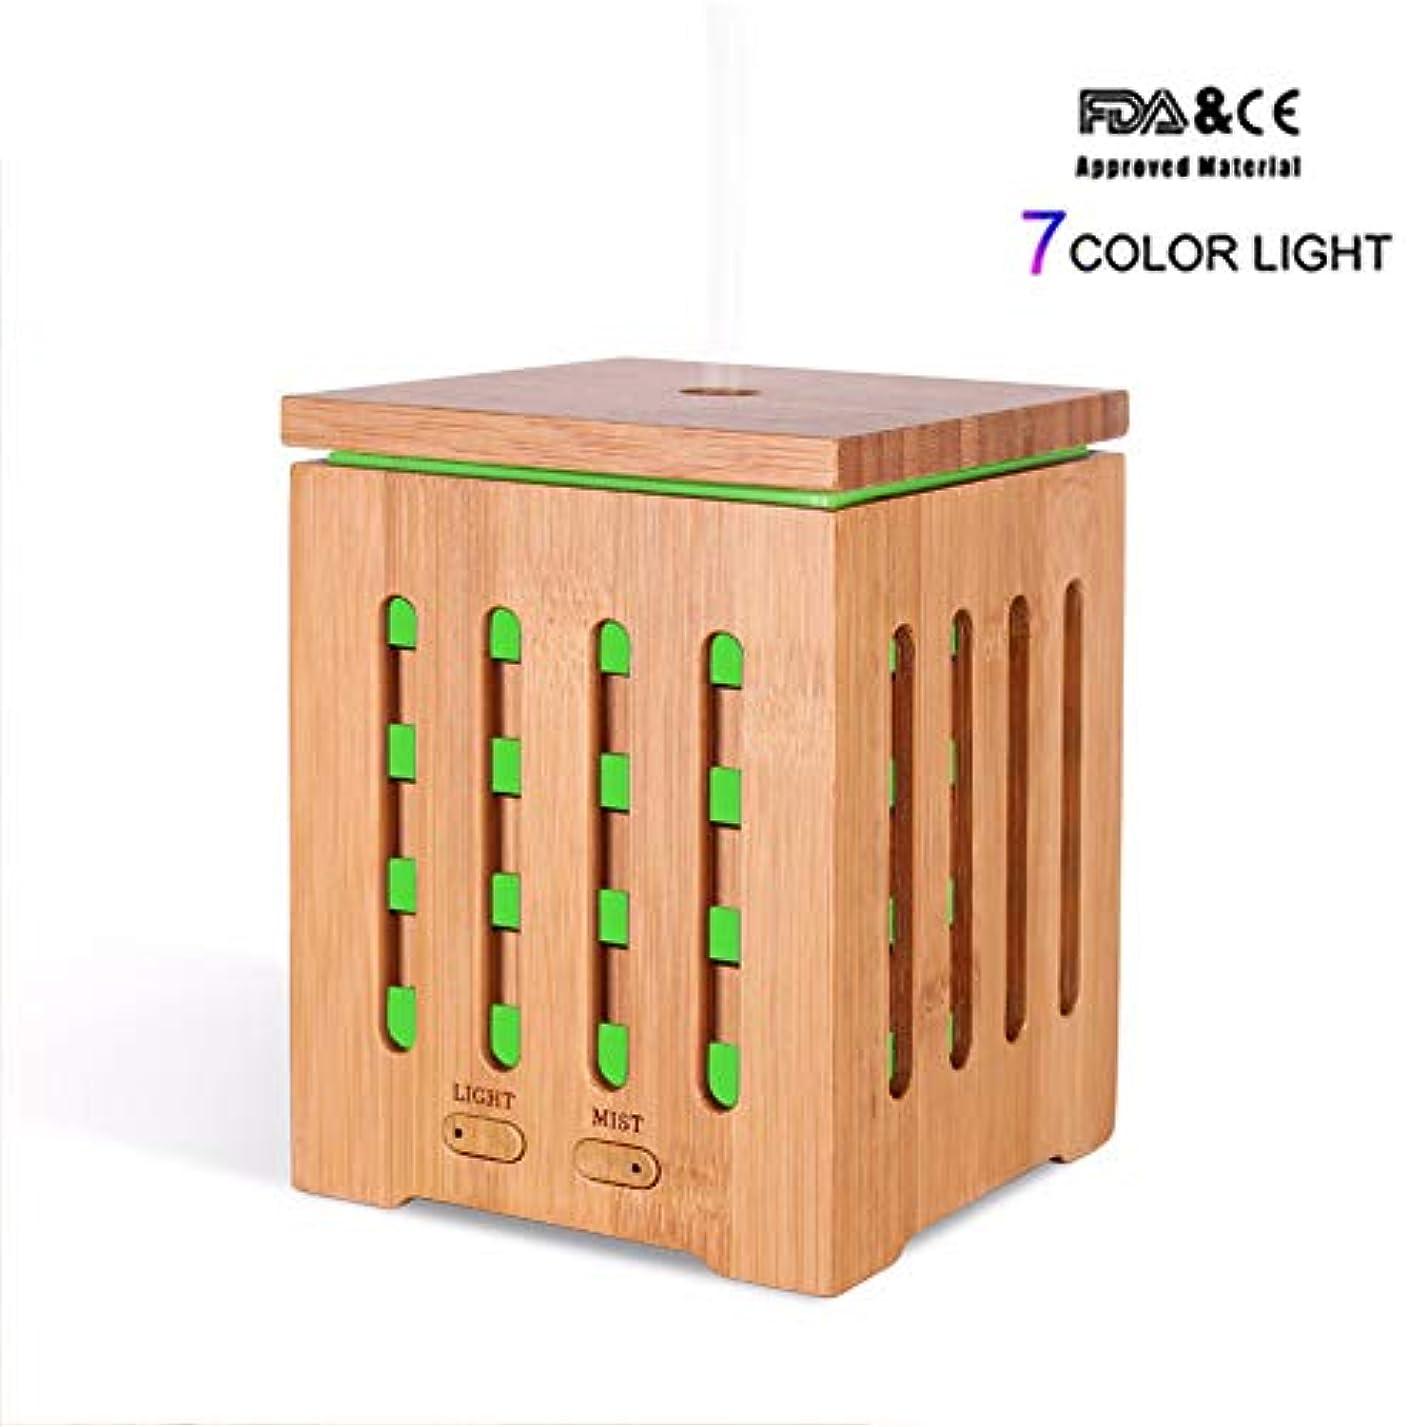 重くする忌避剤幾何学200MLリアル竹エッセンシャルオイルディフューザーアロマテラピー空気加湿器7色LEDライトホームワークスSPA健康的